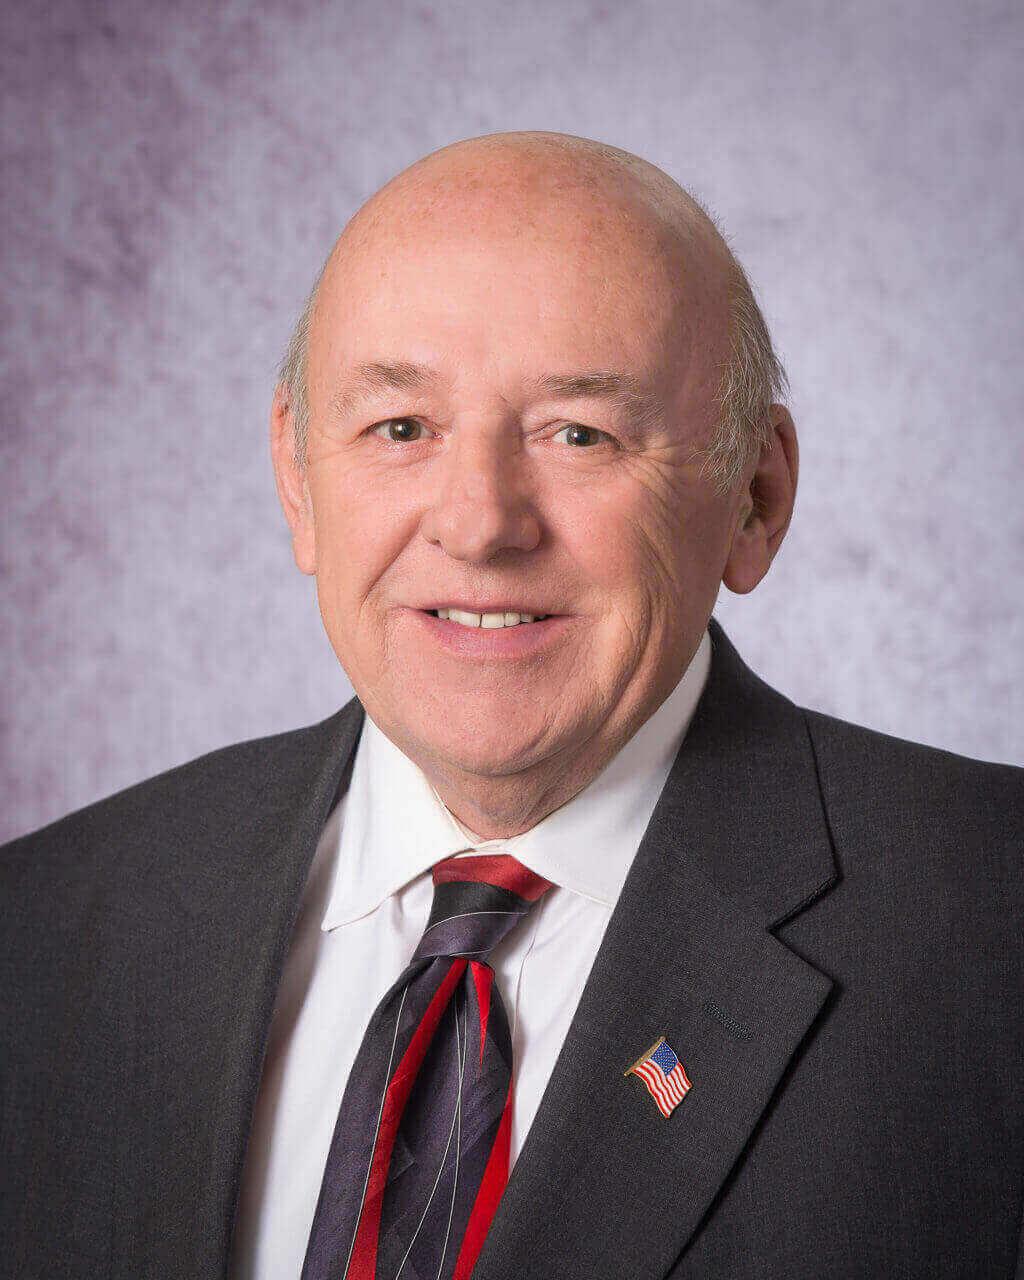 George Spratt